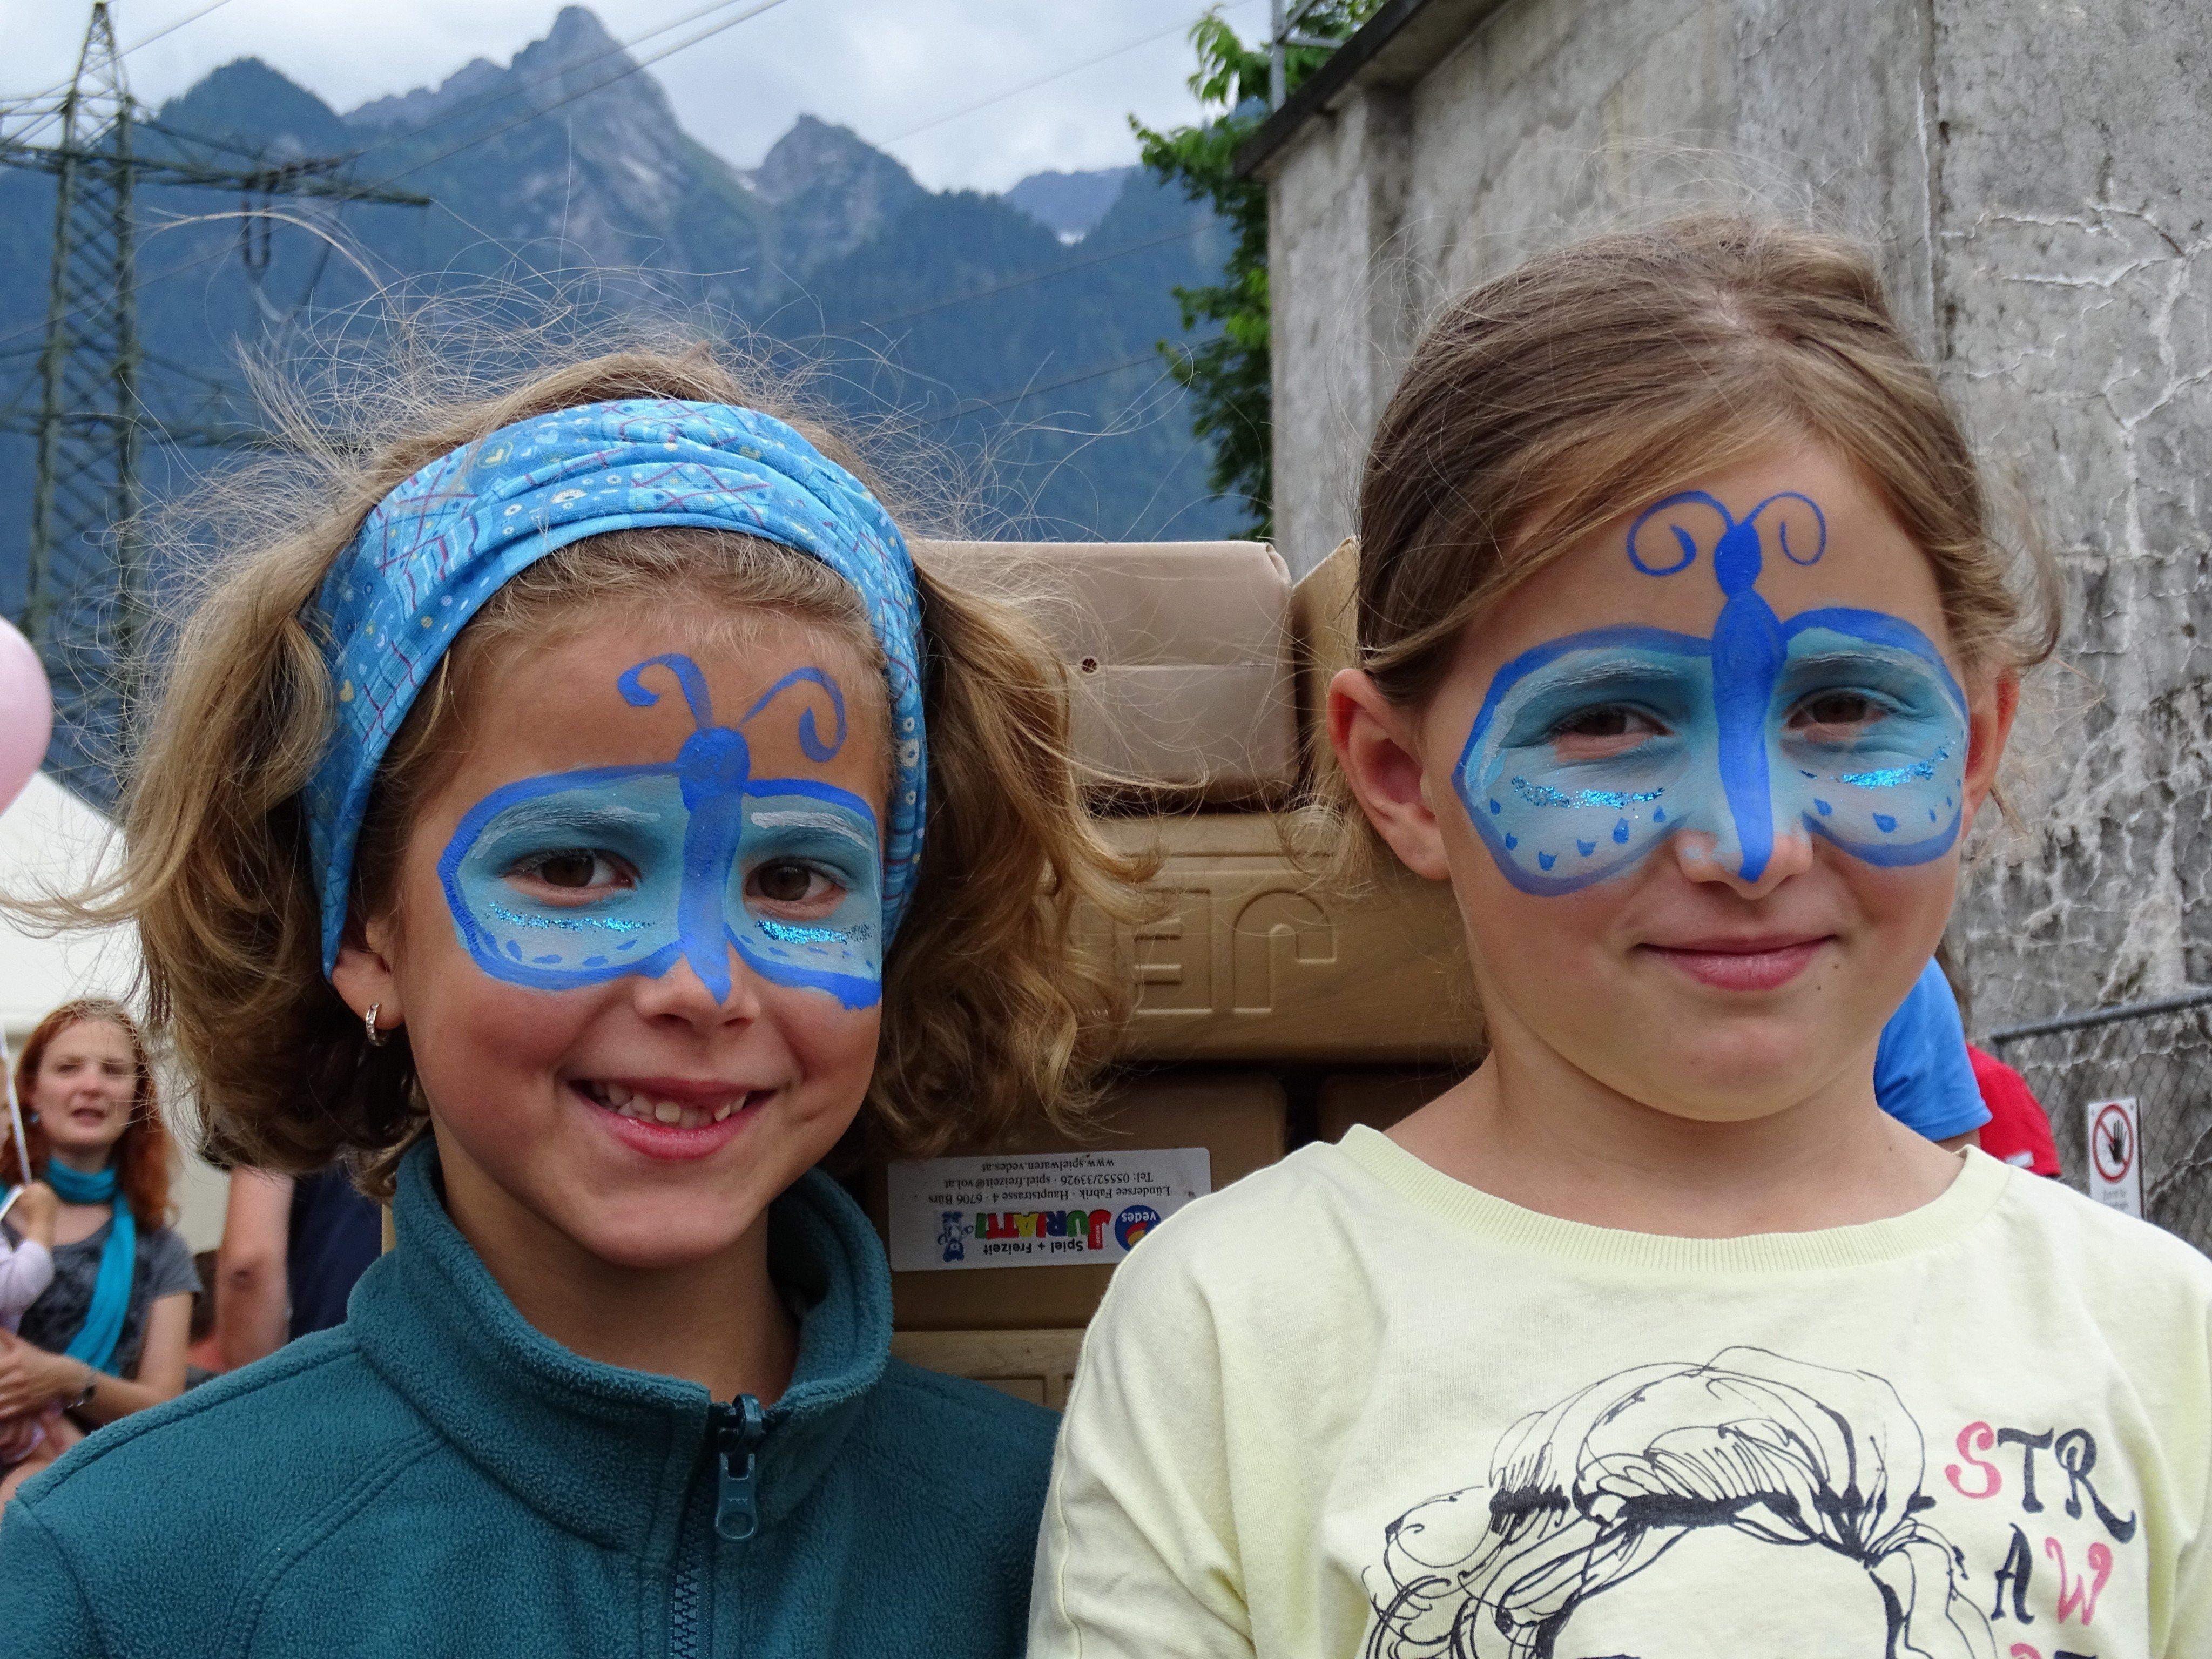 Kinderschminken war nur eine der zahlreichen Aktivitäten beim Sommerfest.